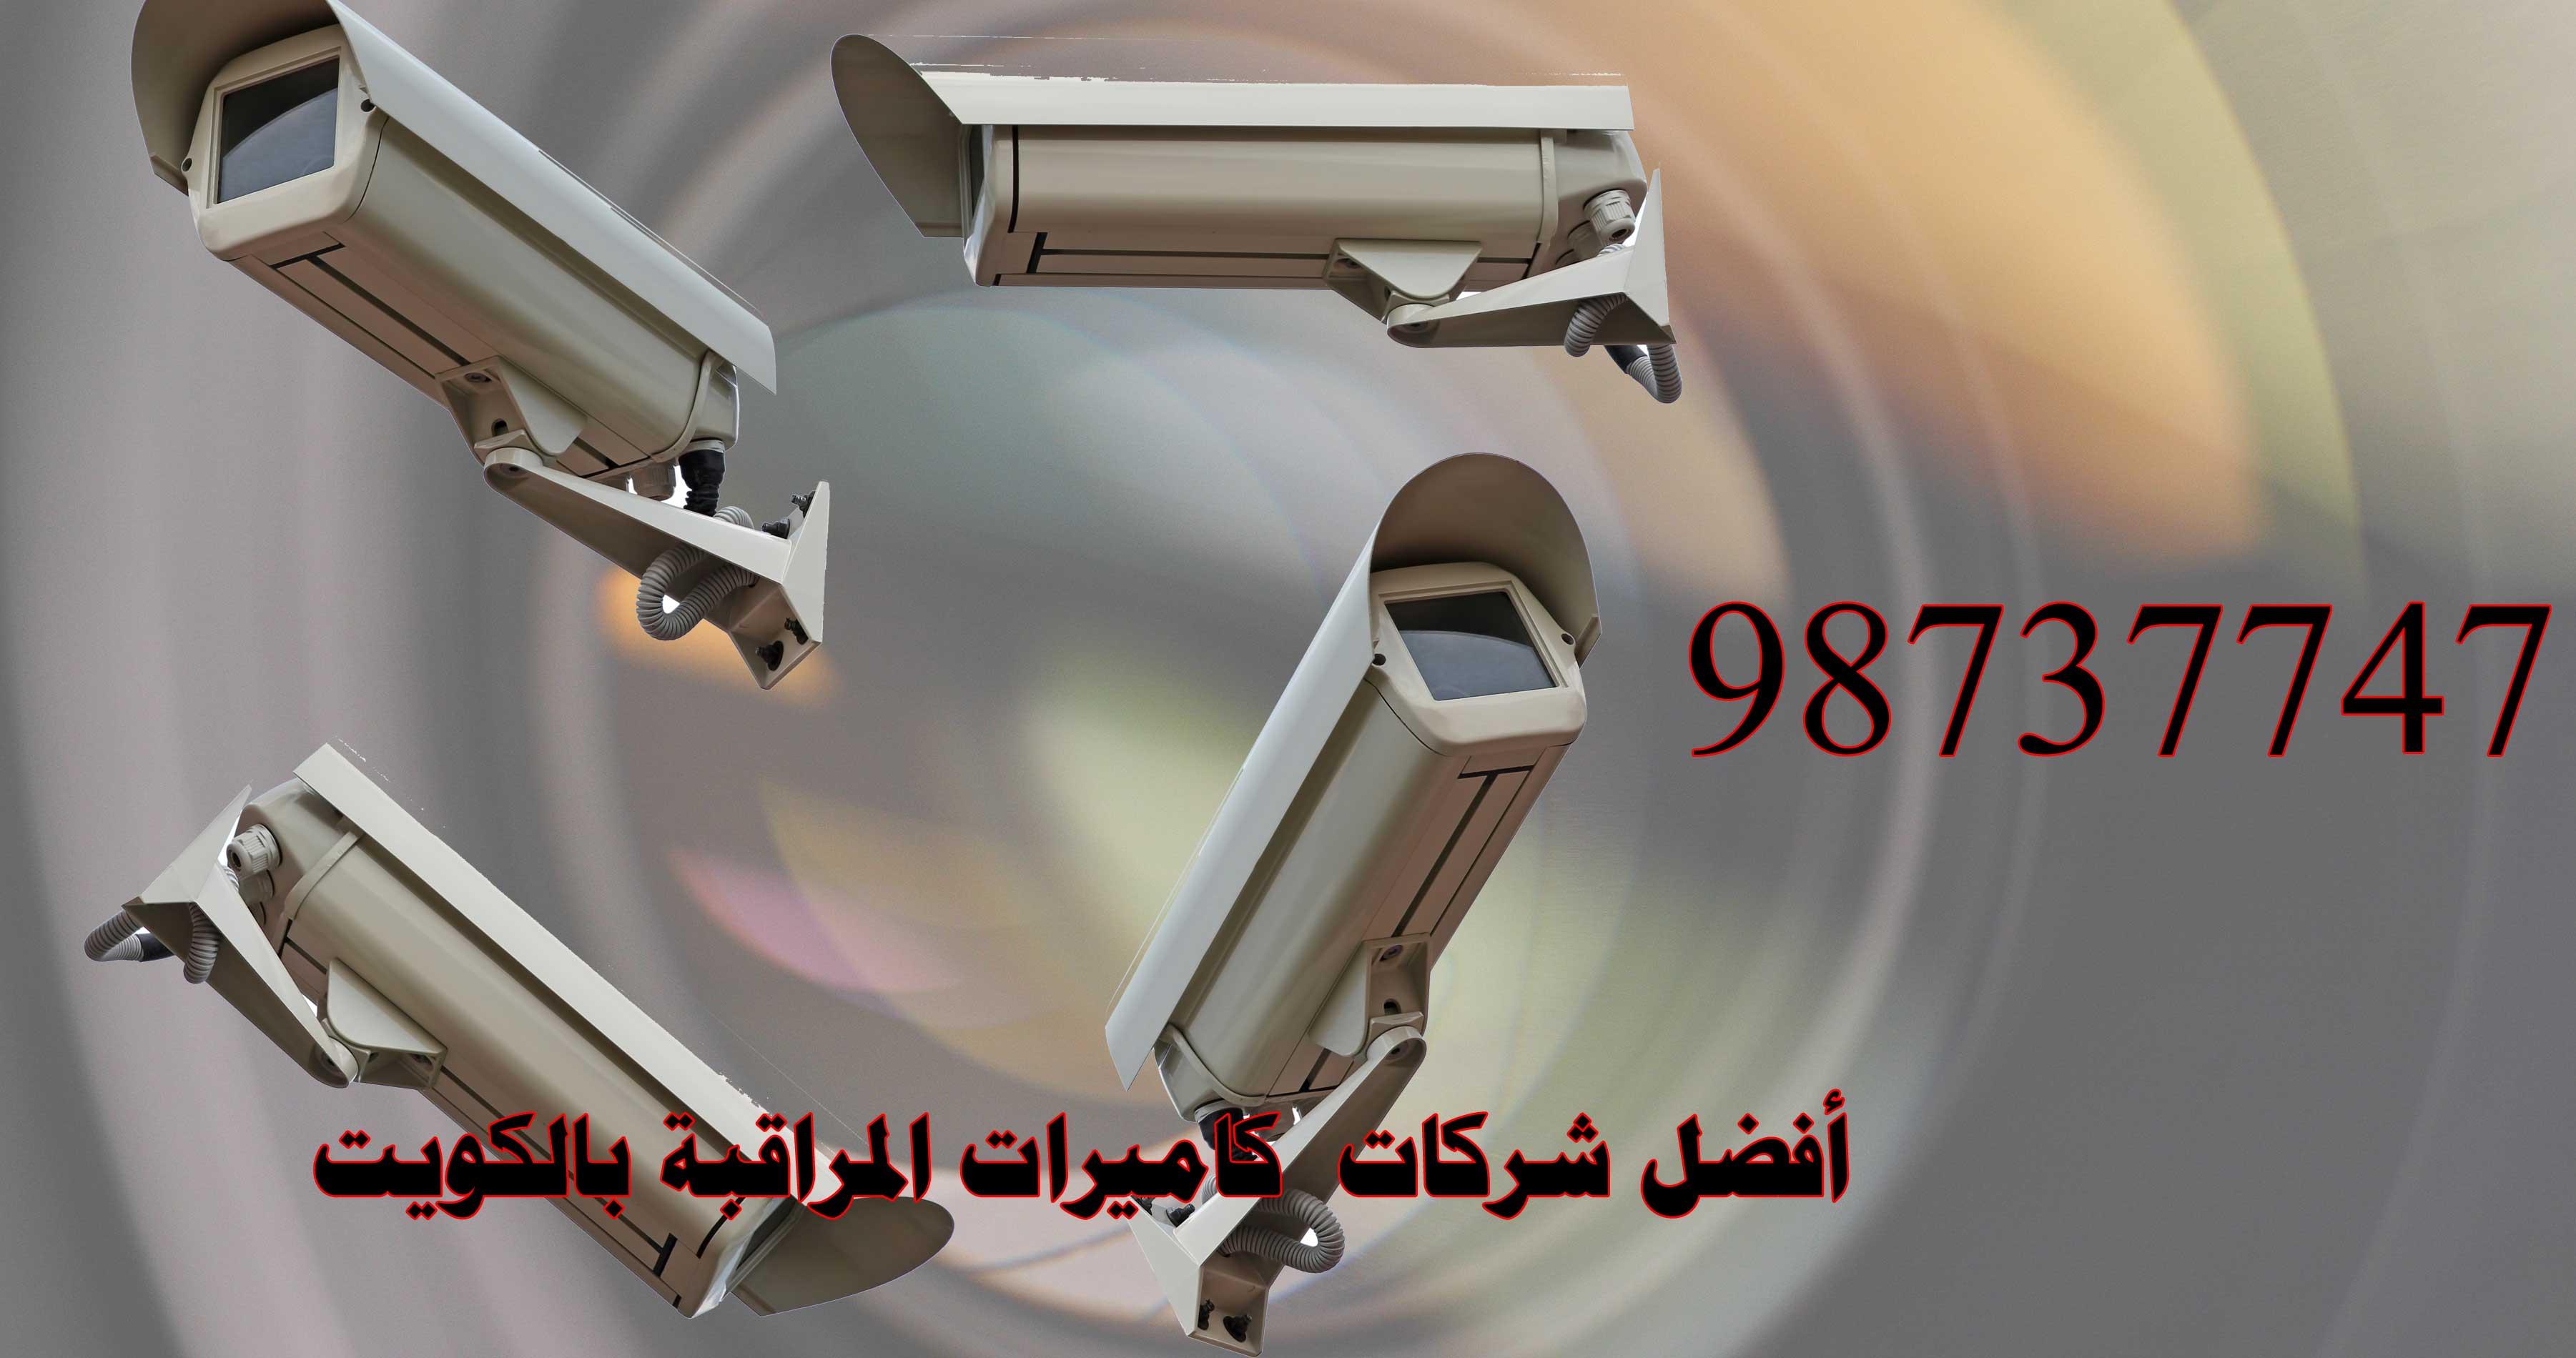 شركات كاميرات المراقبة بالكويت Scaled